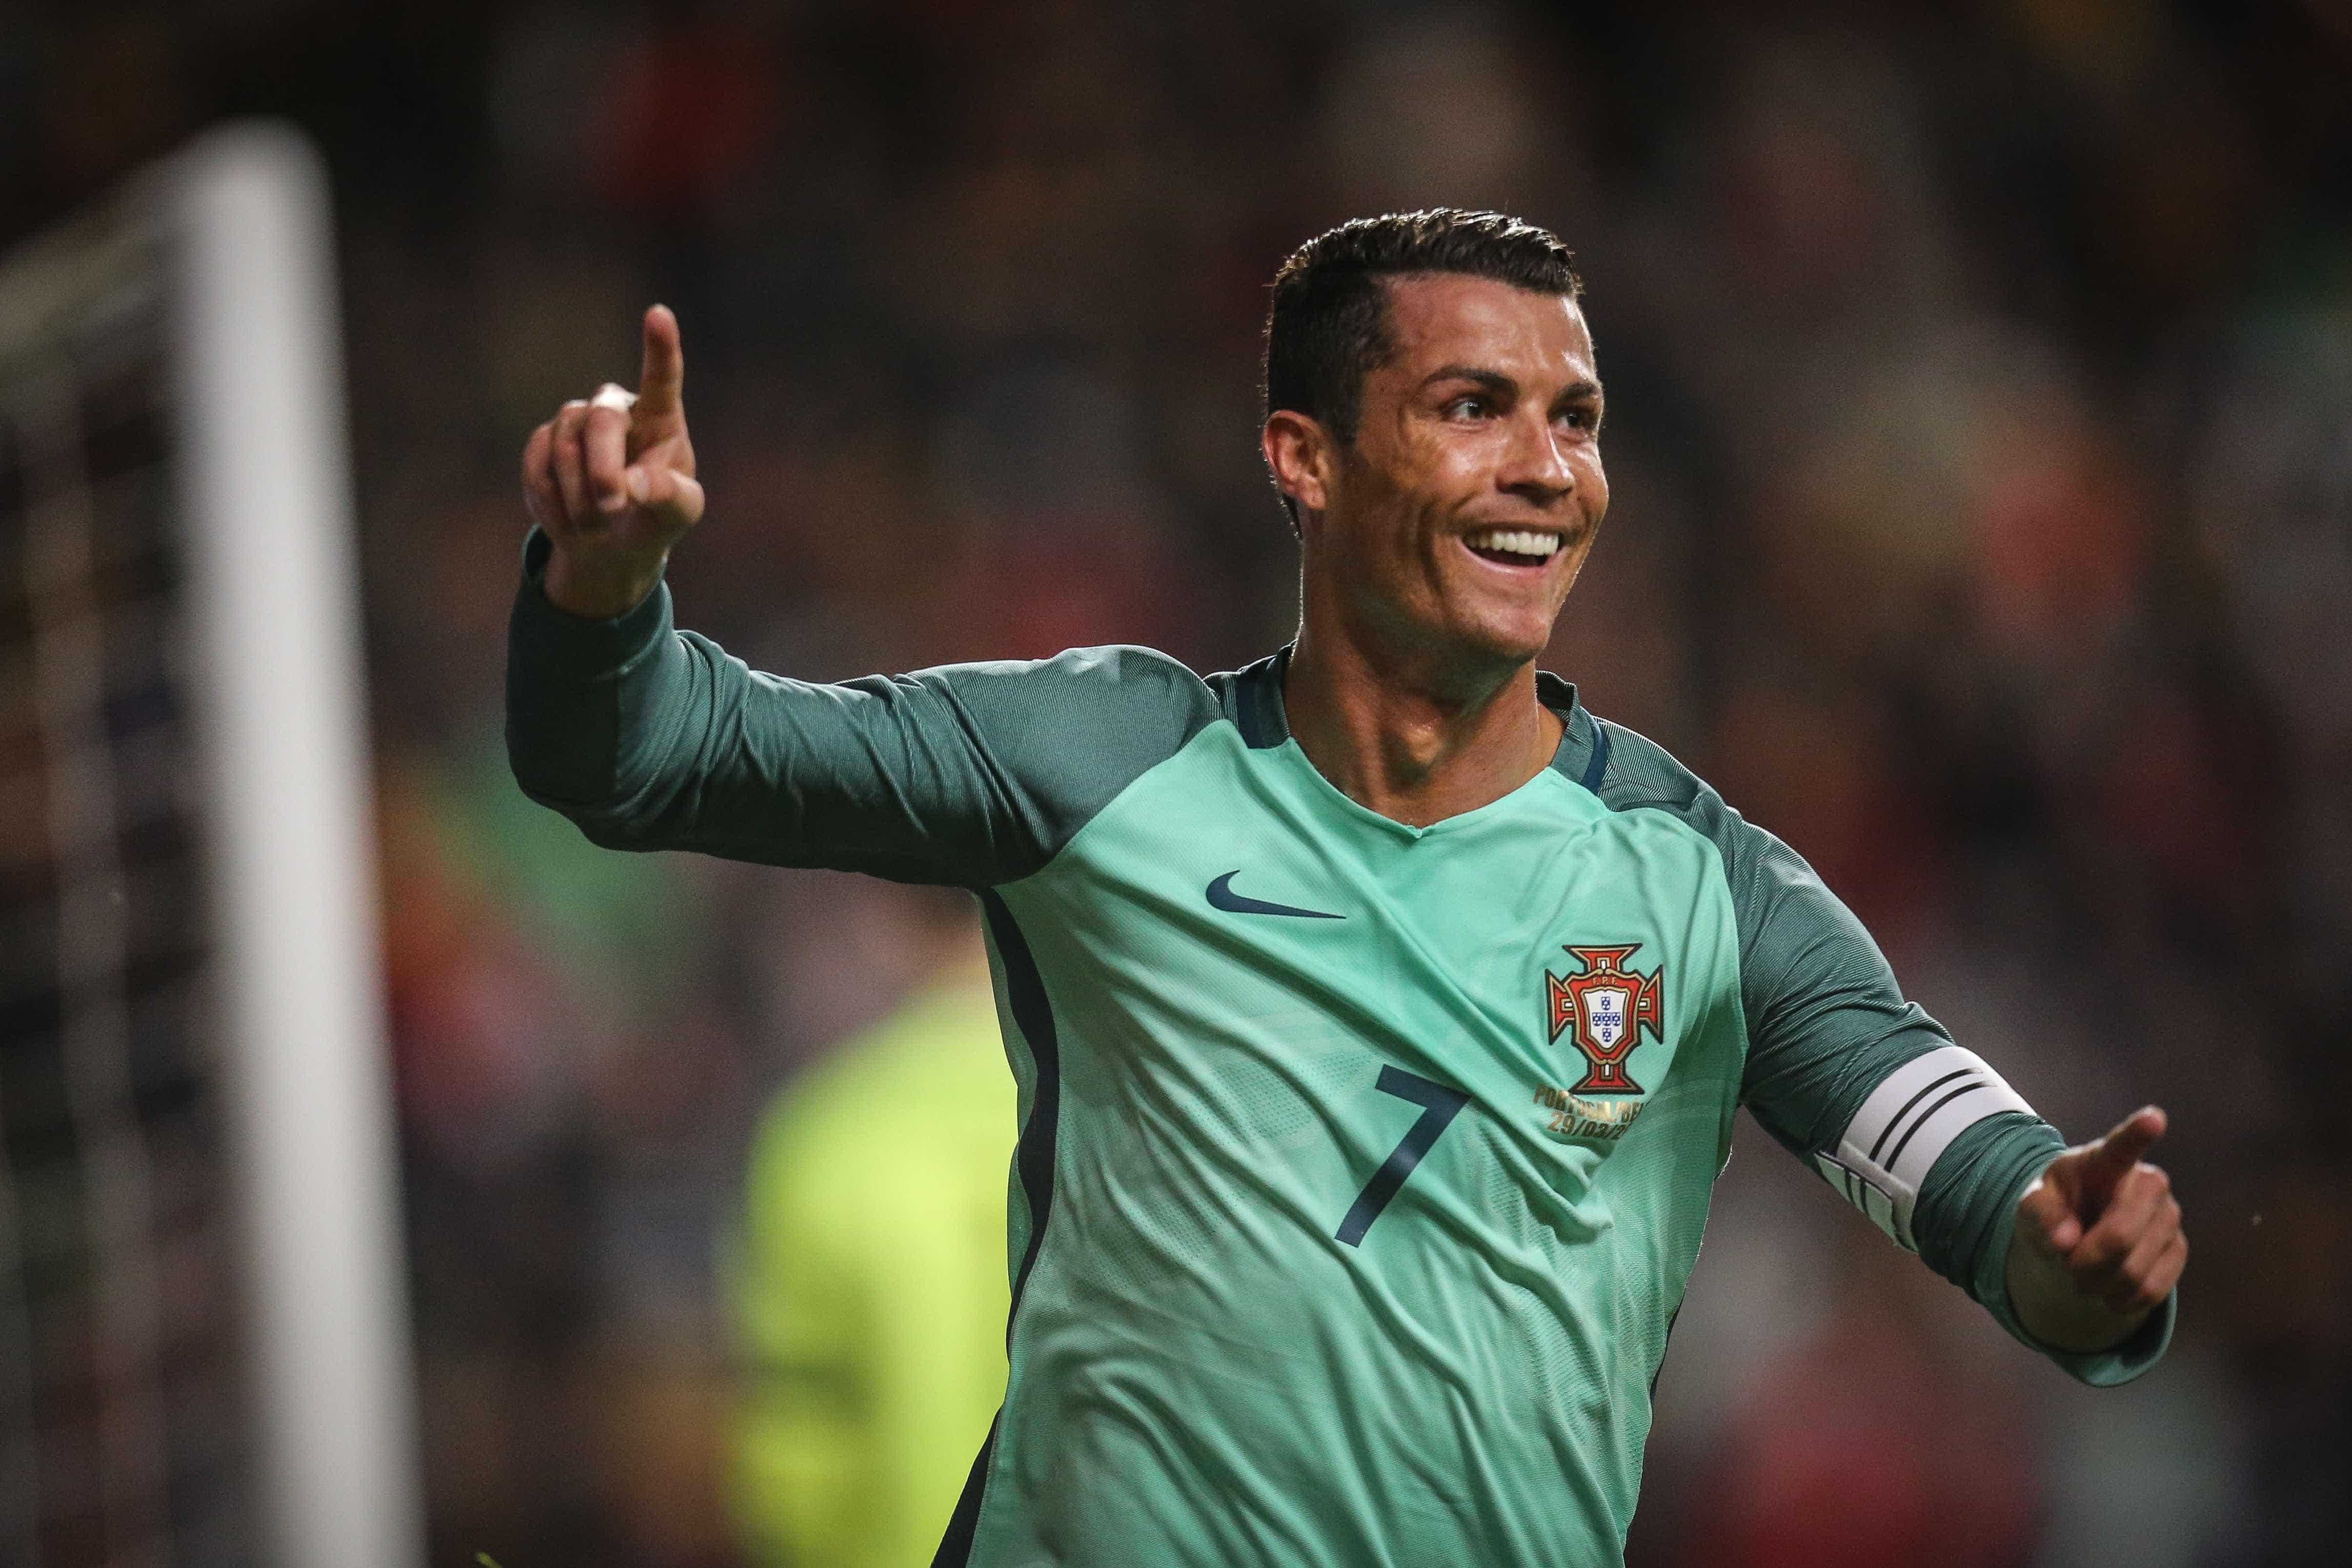 Três novos alvos e um velho conhecido na 'mira' de Ronaldo